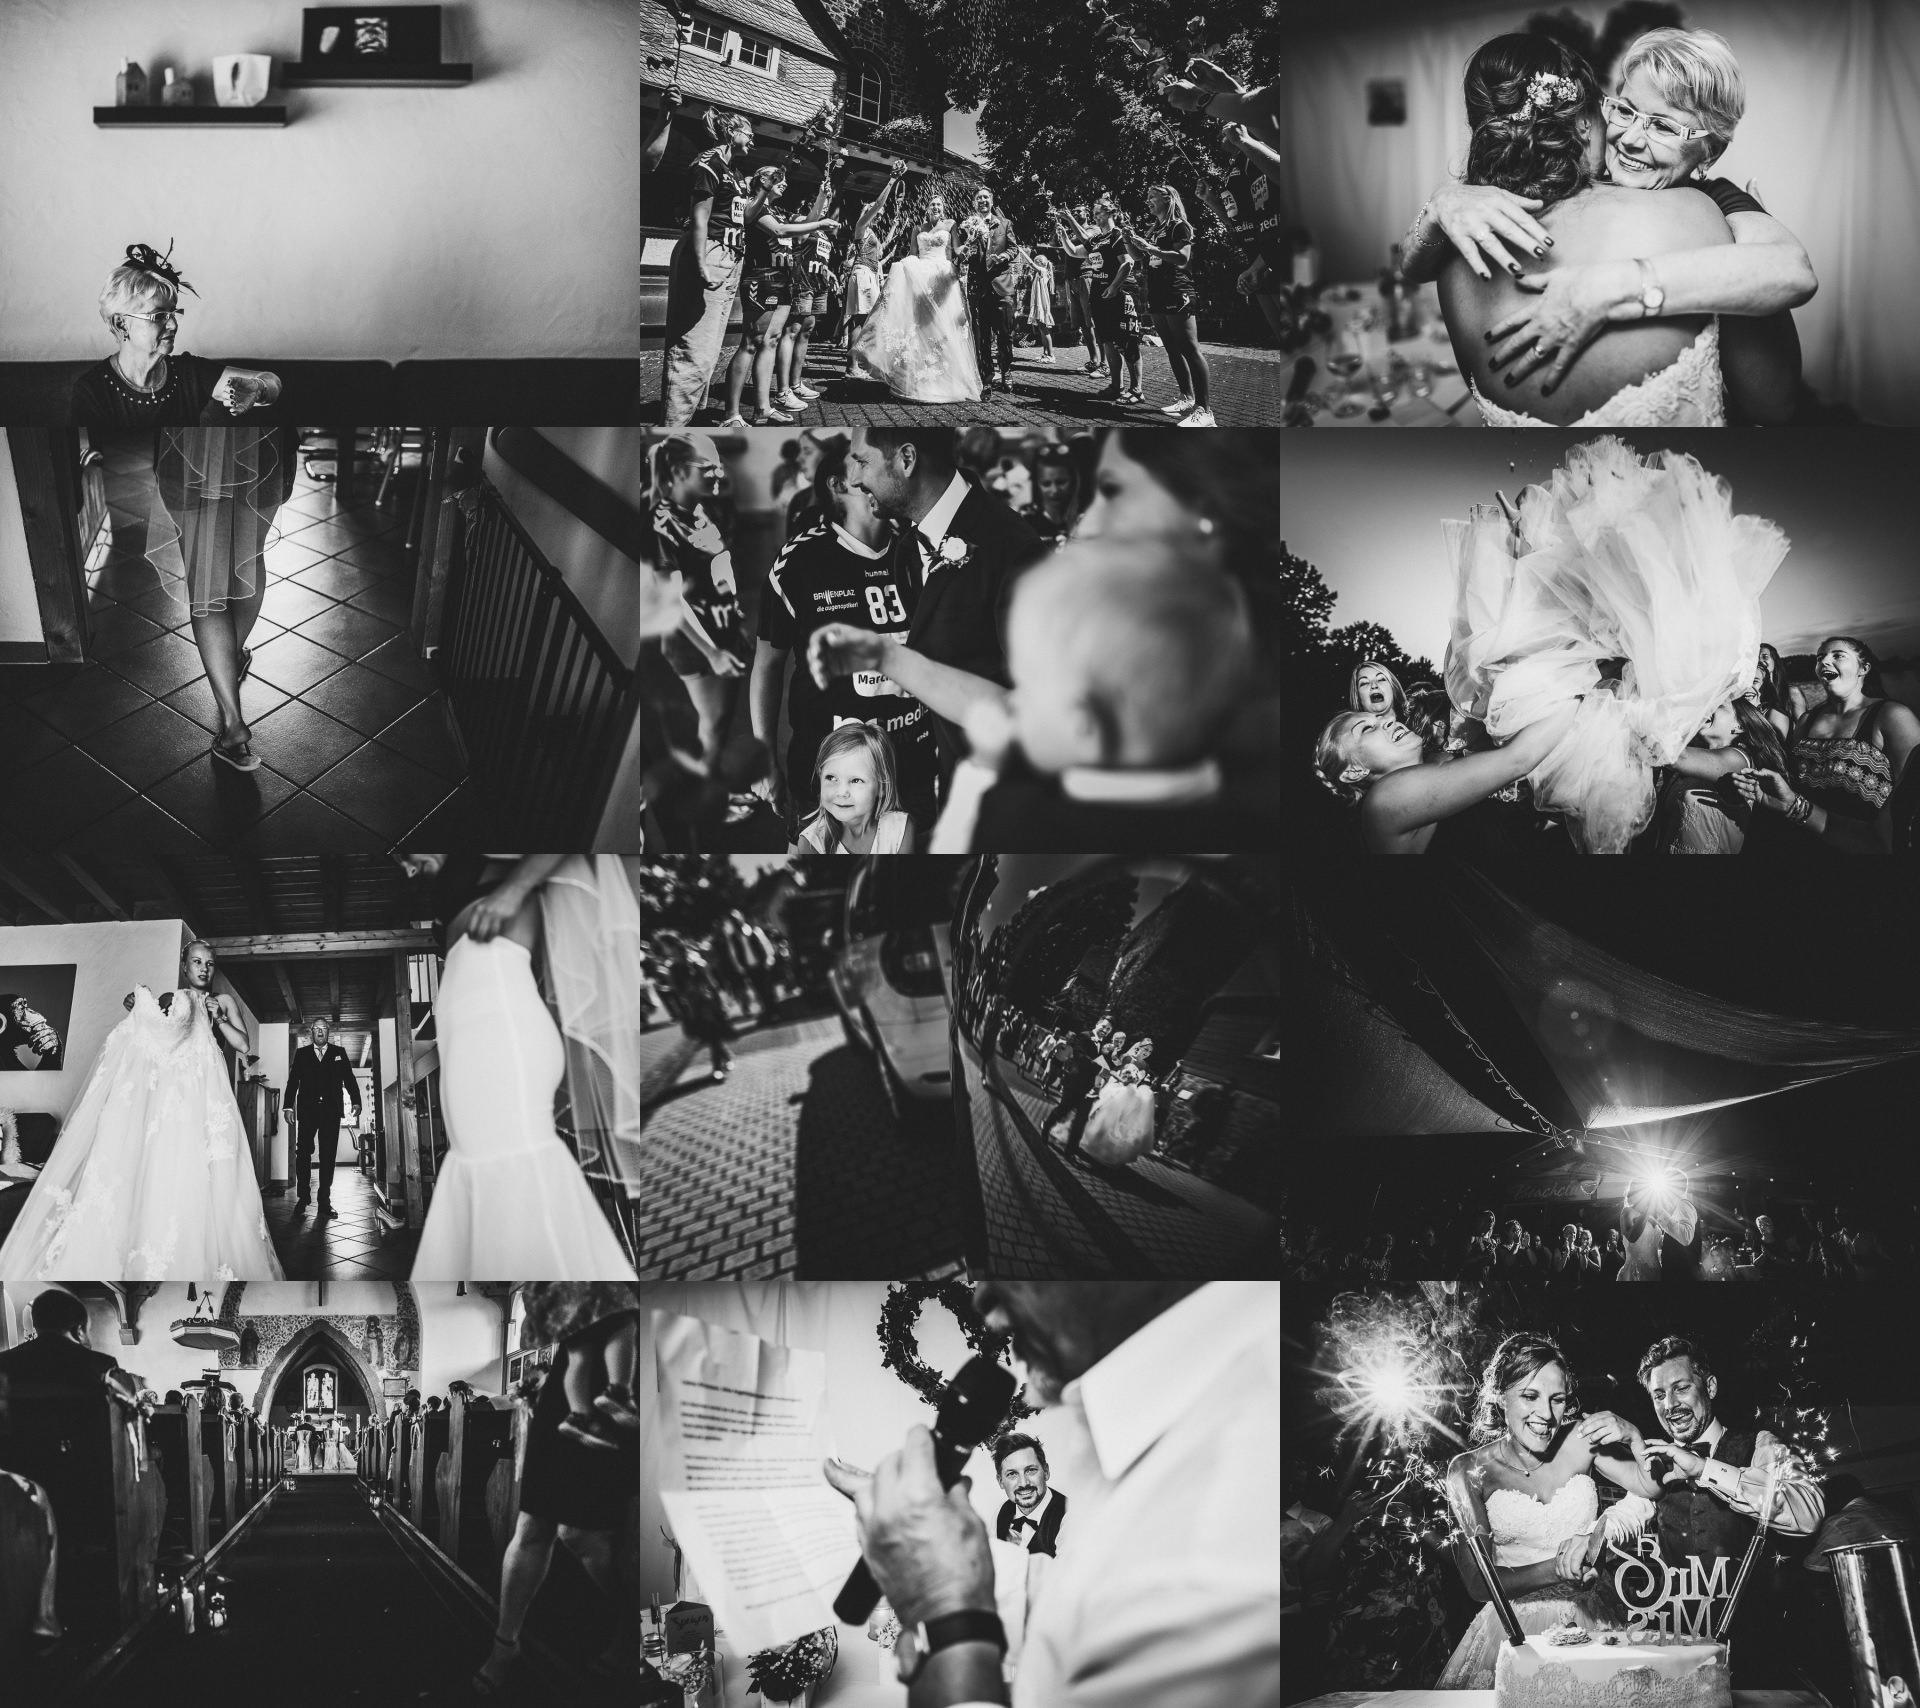 12 - the story award - Preisgekrönte Hochzeitsfotografie * 2. Platz in Runde 3 * wedding-story-award * Hochzeitsfotograf Giessen - Award-Bilder Hochzeitsfotografie - Die besten Hochzeitsfotografen Deutschlands